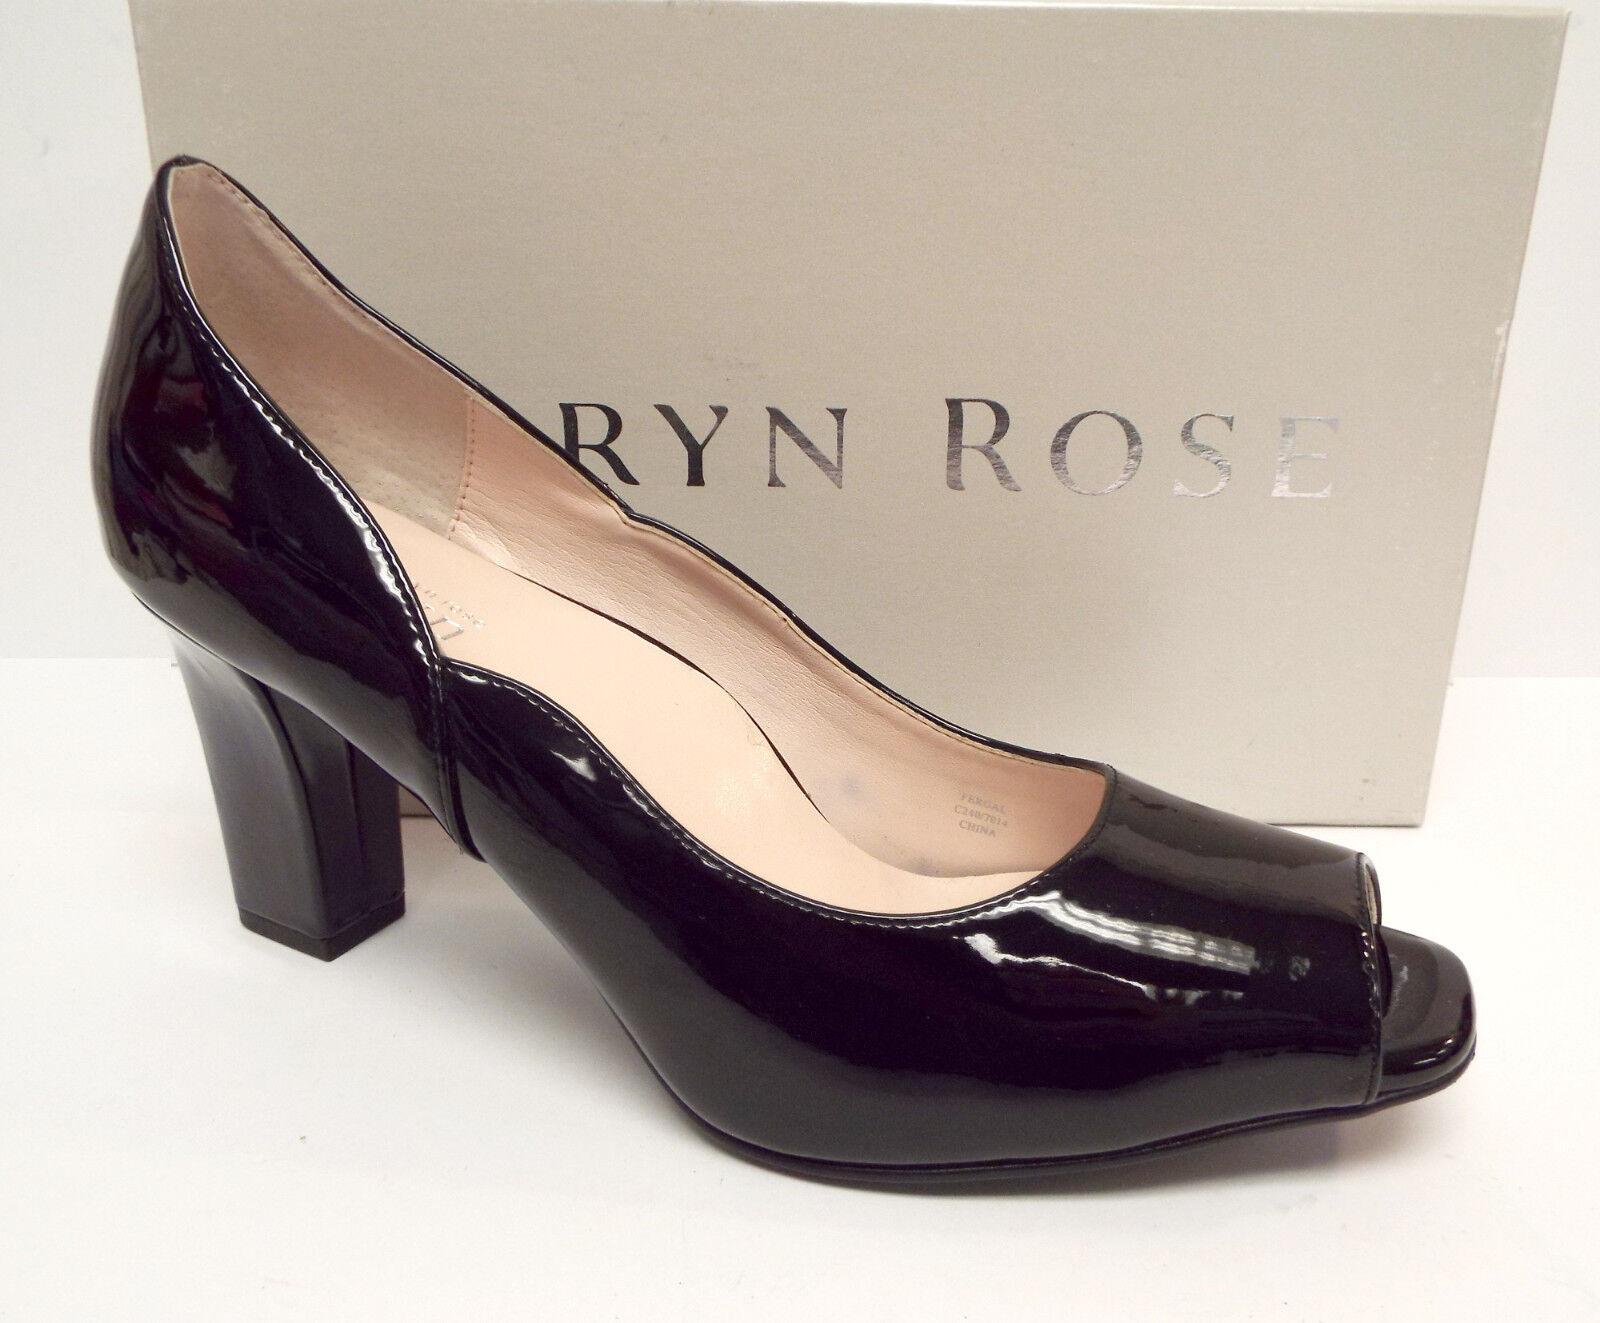 TARYN ROSE Size 9.5 FERGAL Black Patent Open Toe heels Pumps Shoes 9 1/2